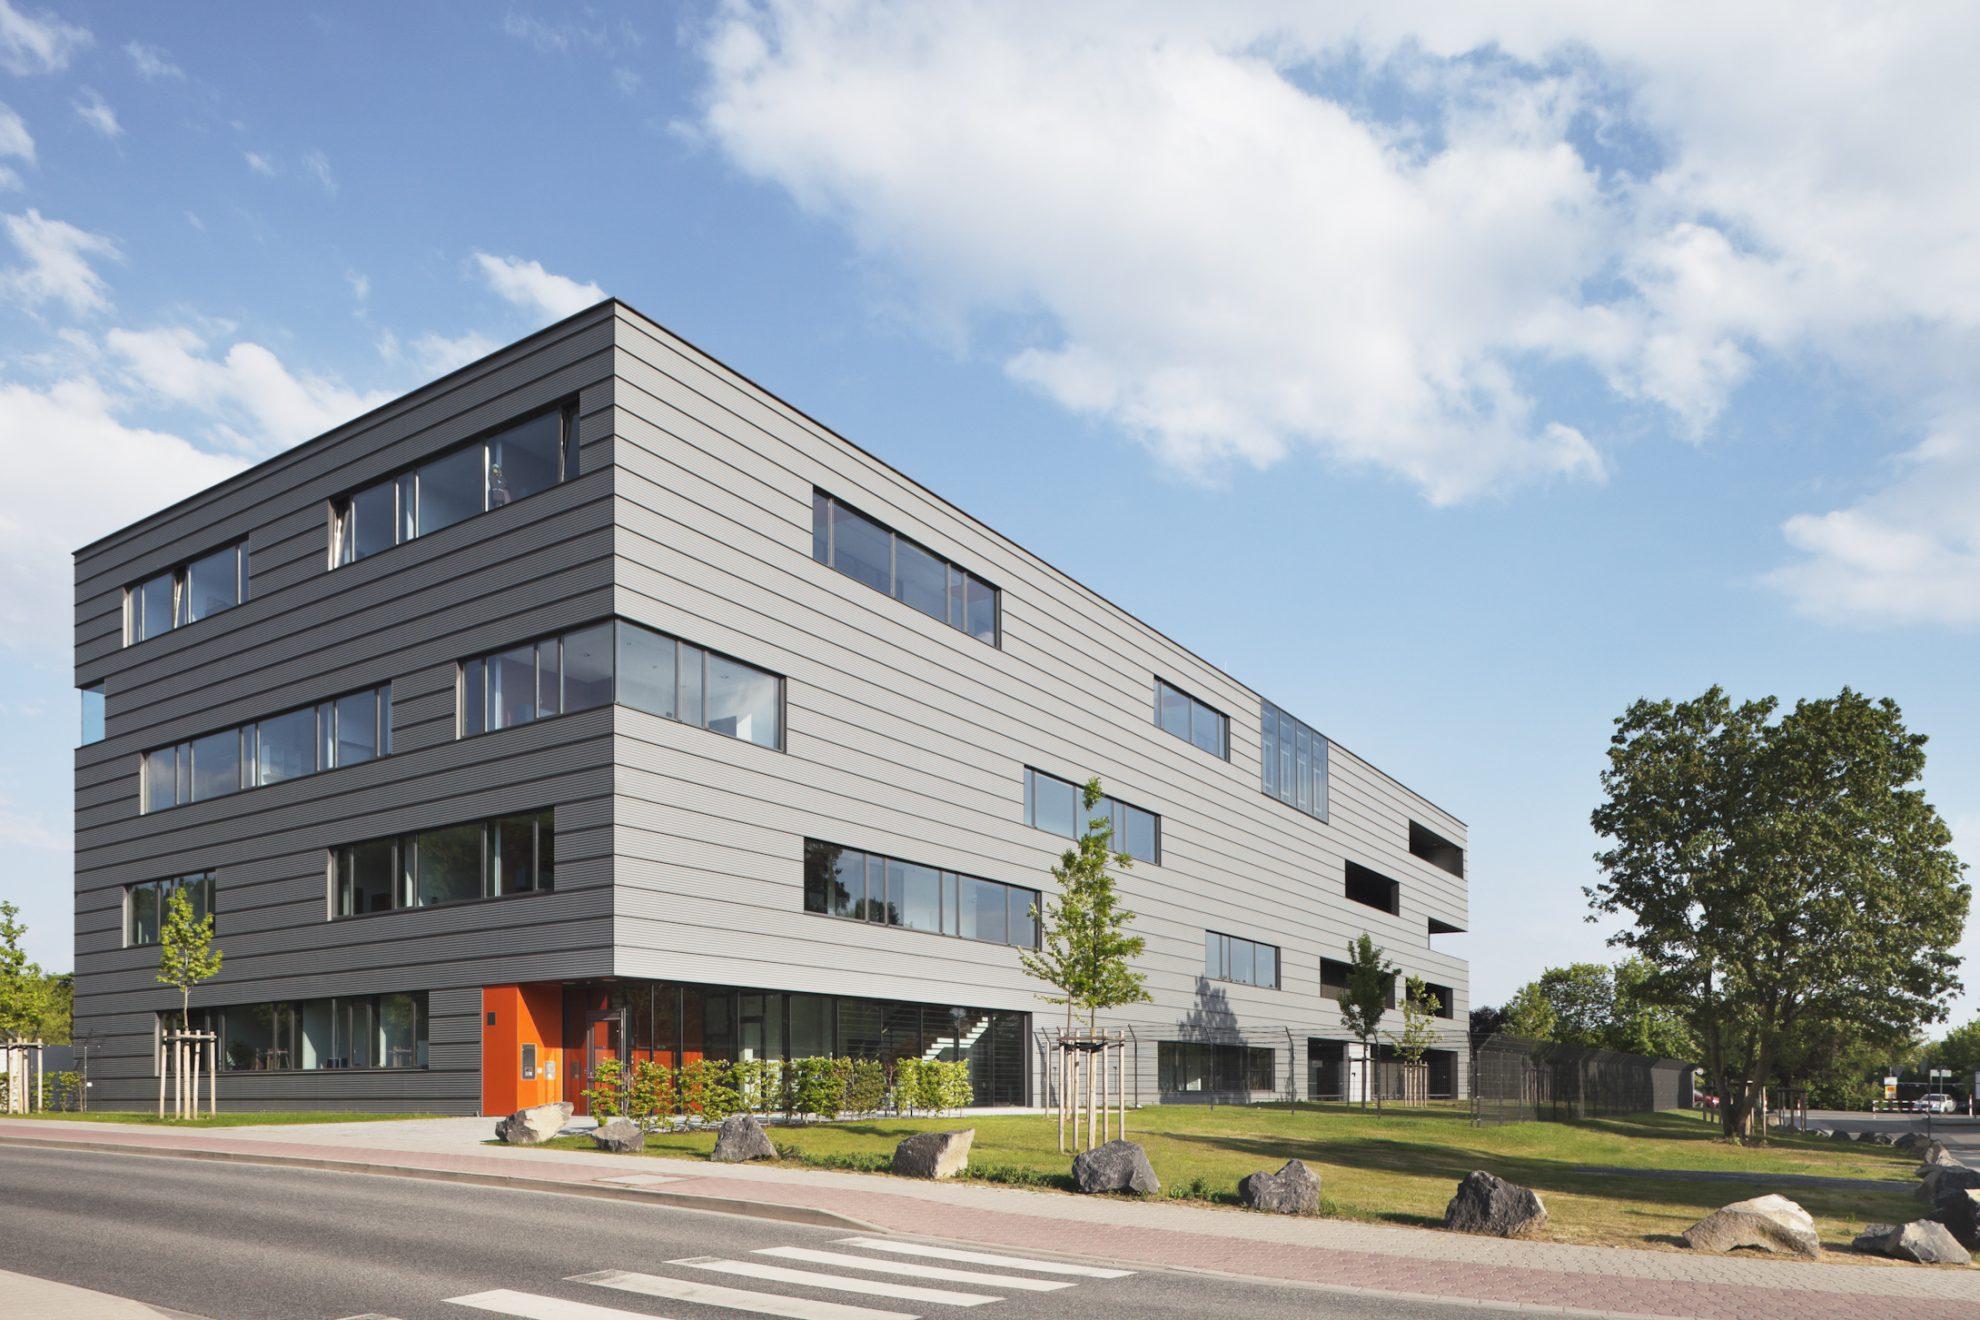 Architekt Mainz forschungseinrichtung jgu mainz doranth post architekten